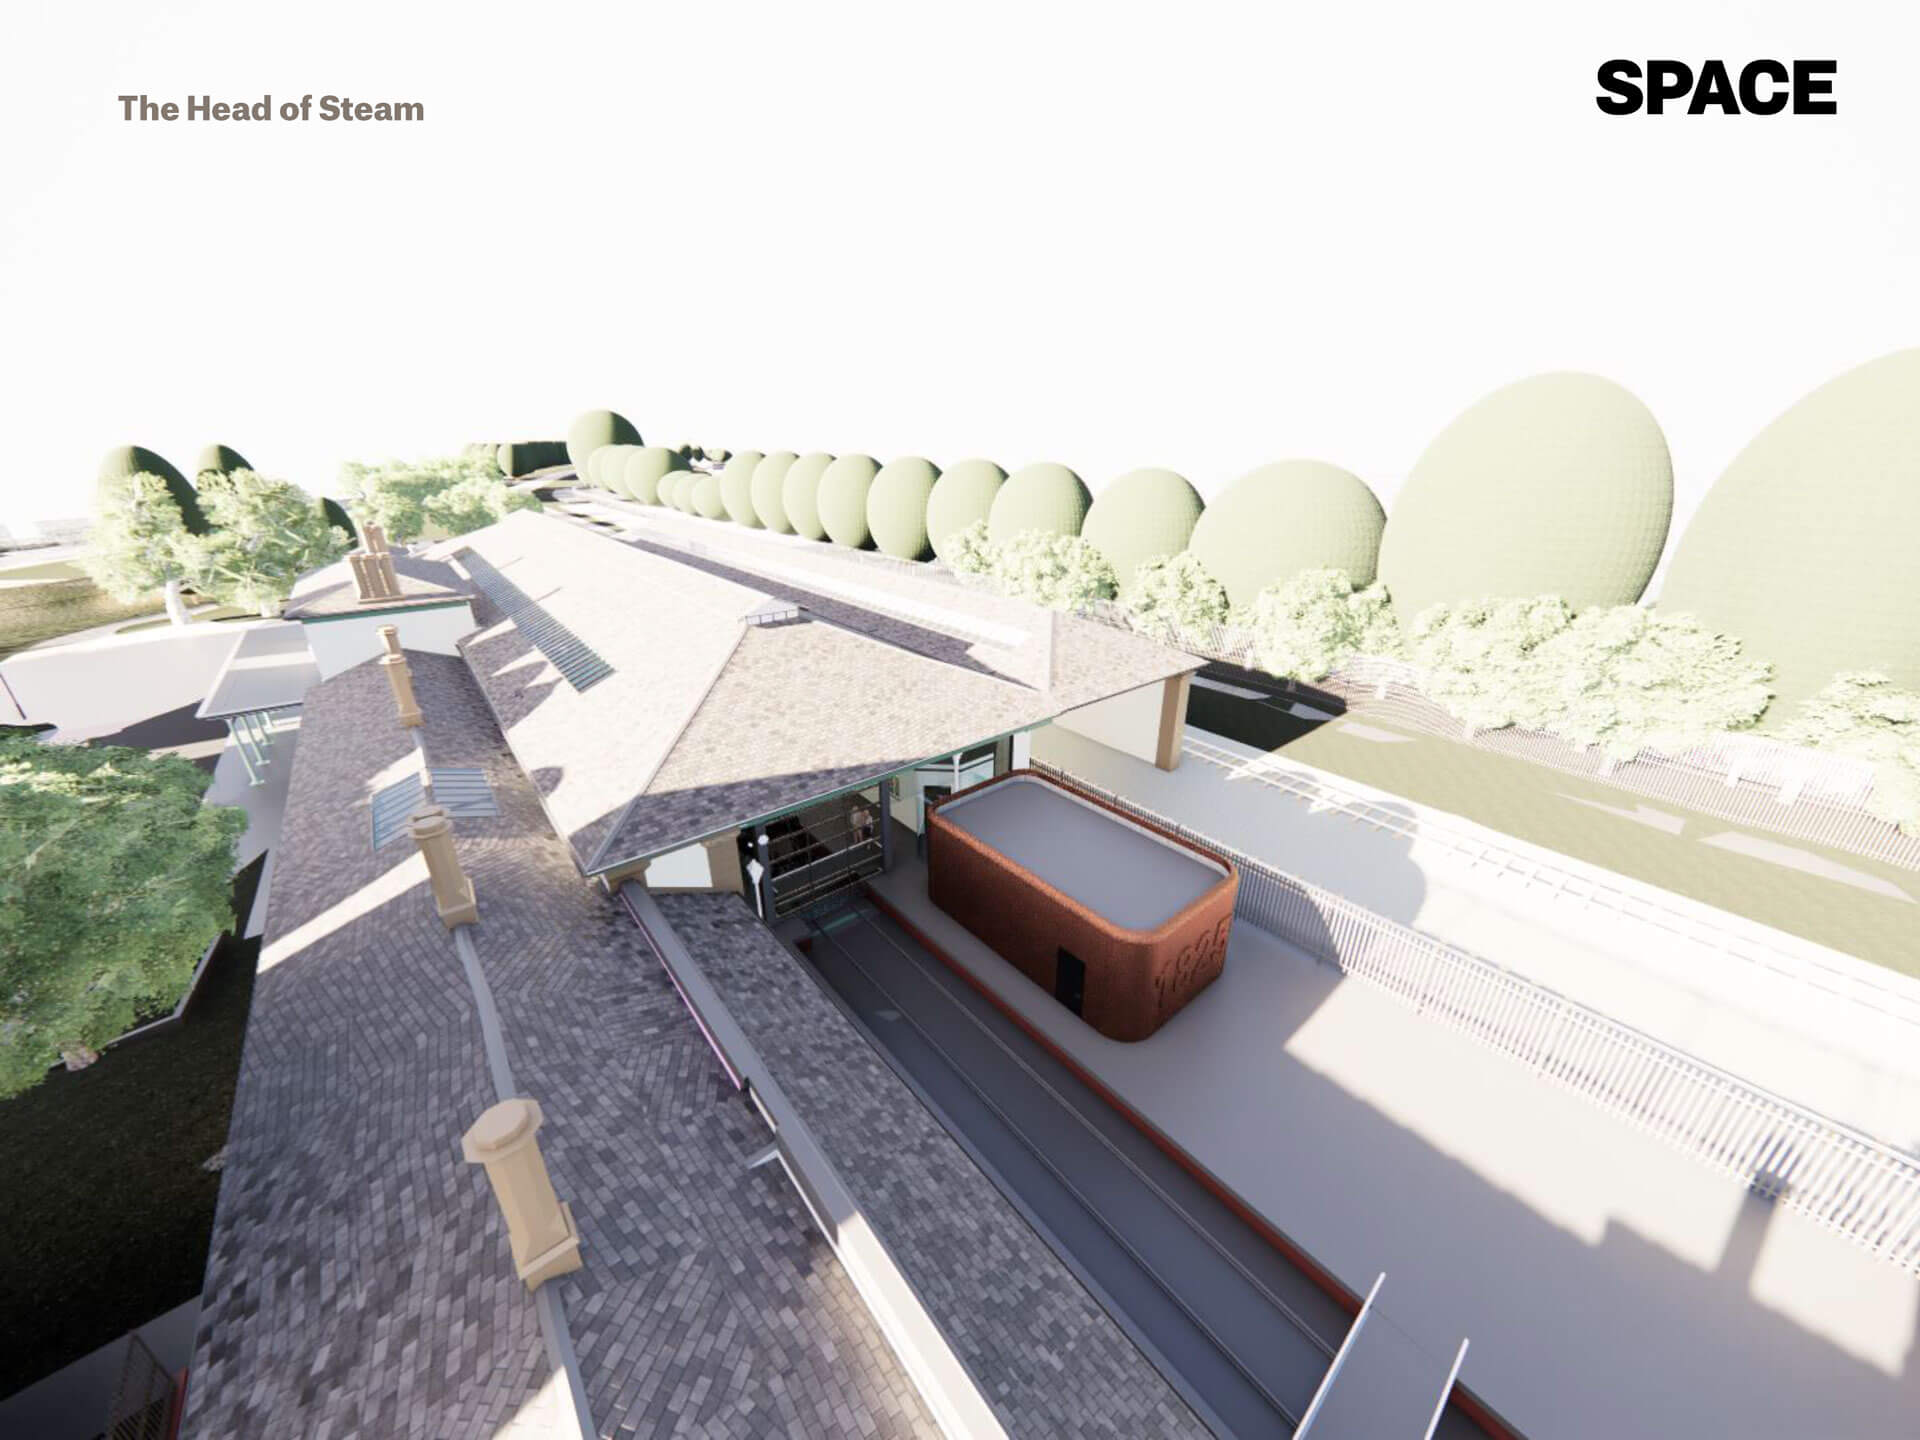 Platform, artist areal render